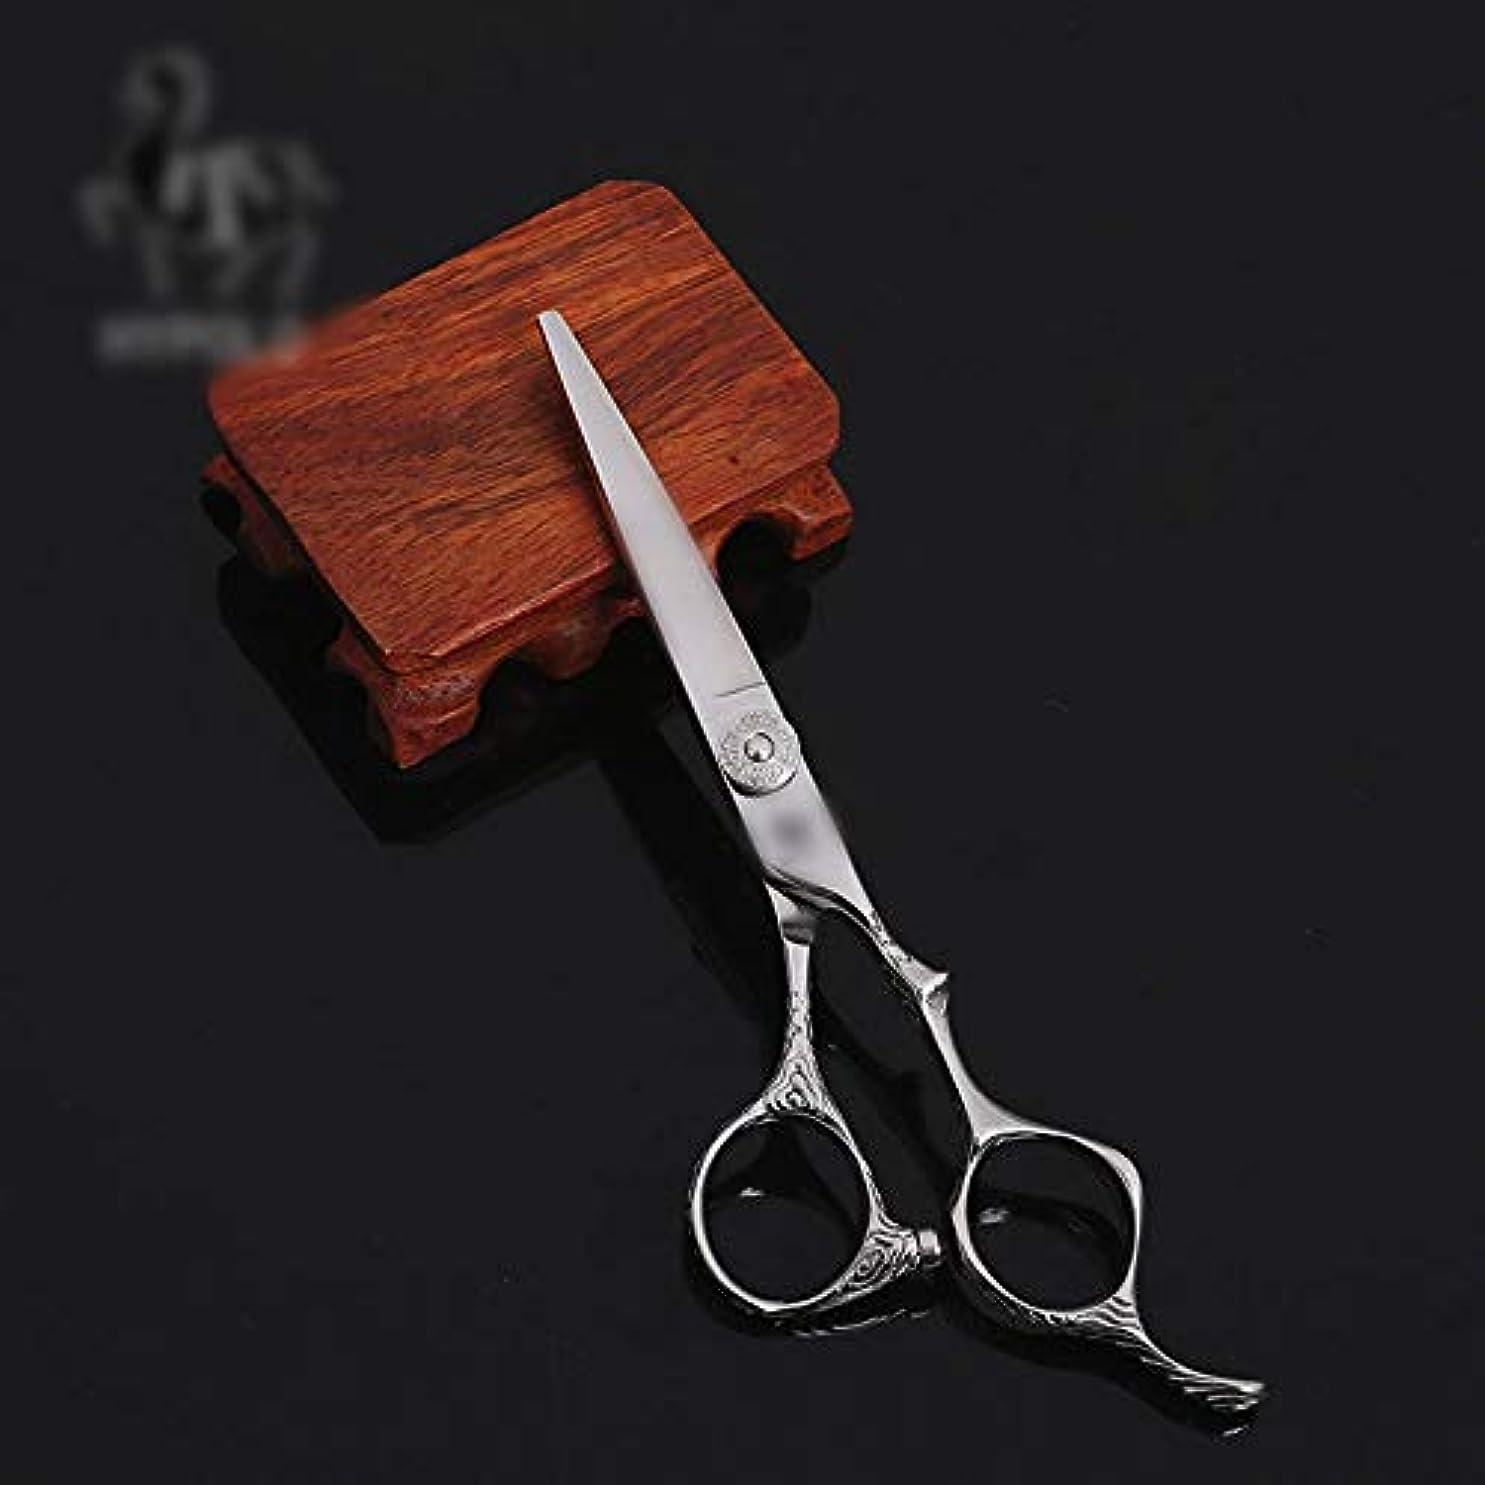 マインドフルやむを得ない求人Goodsok-jp 6インチの美容院の専門のヘアカットの平らなはさみ、ステンレス鋼 (色 : Silver)